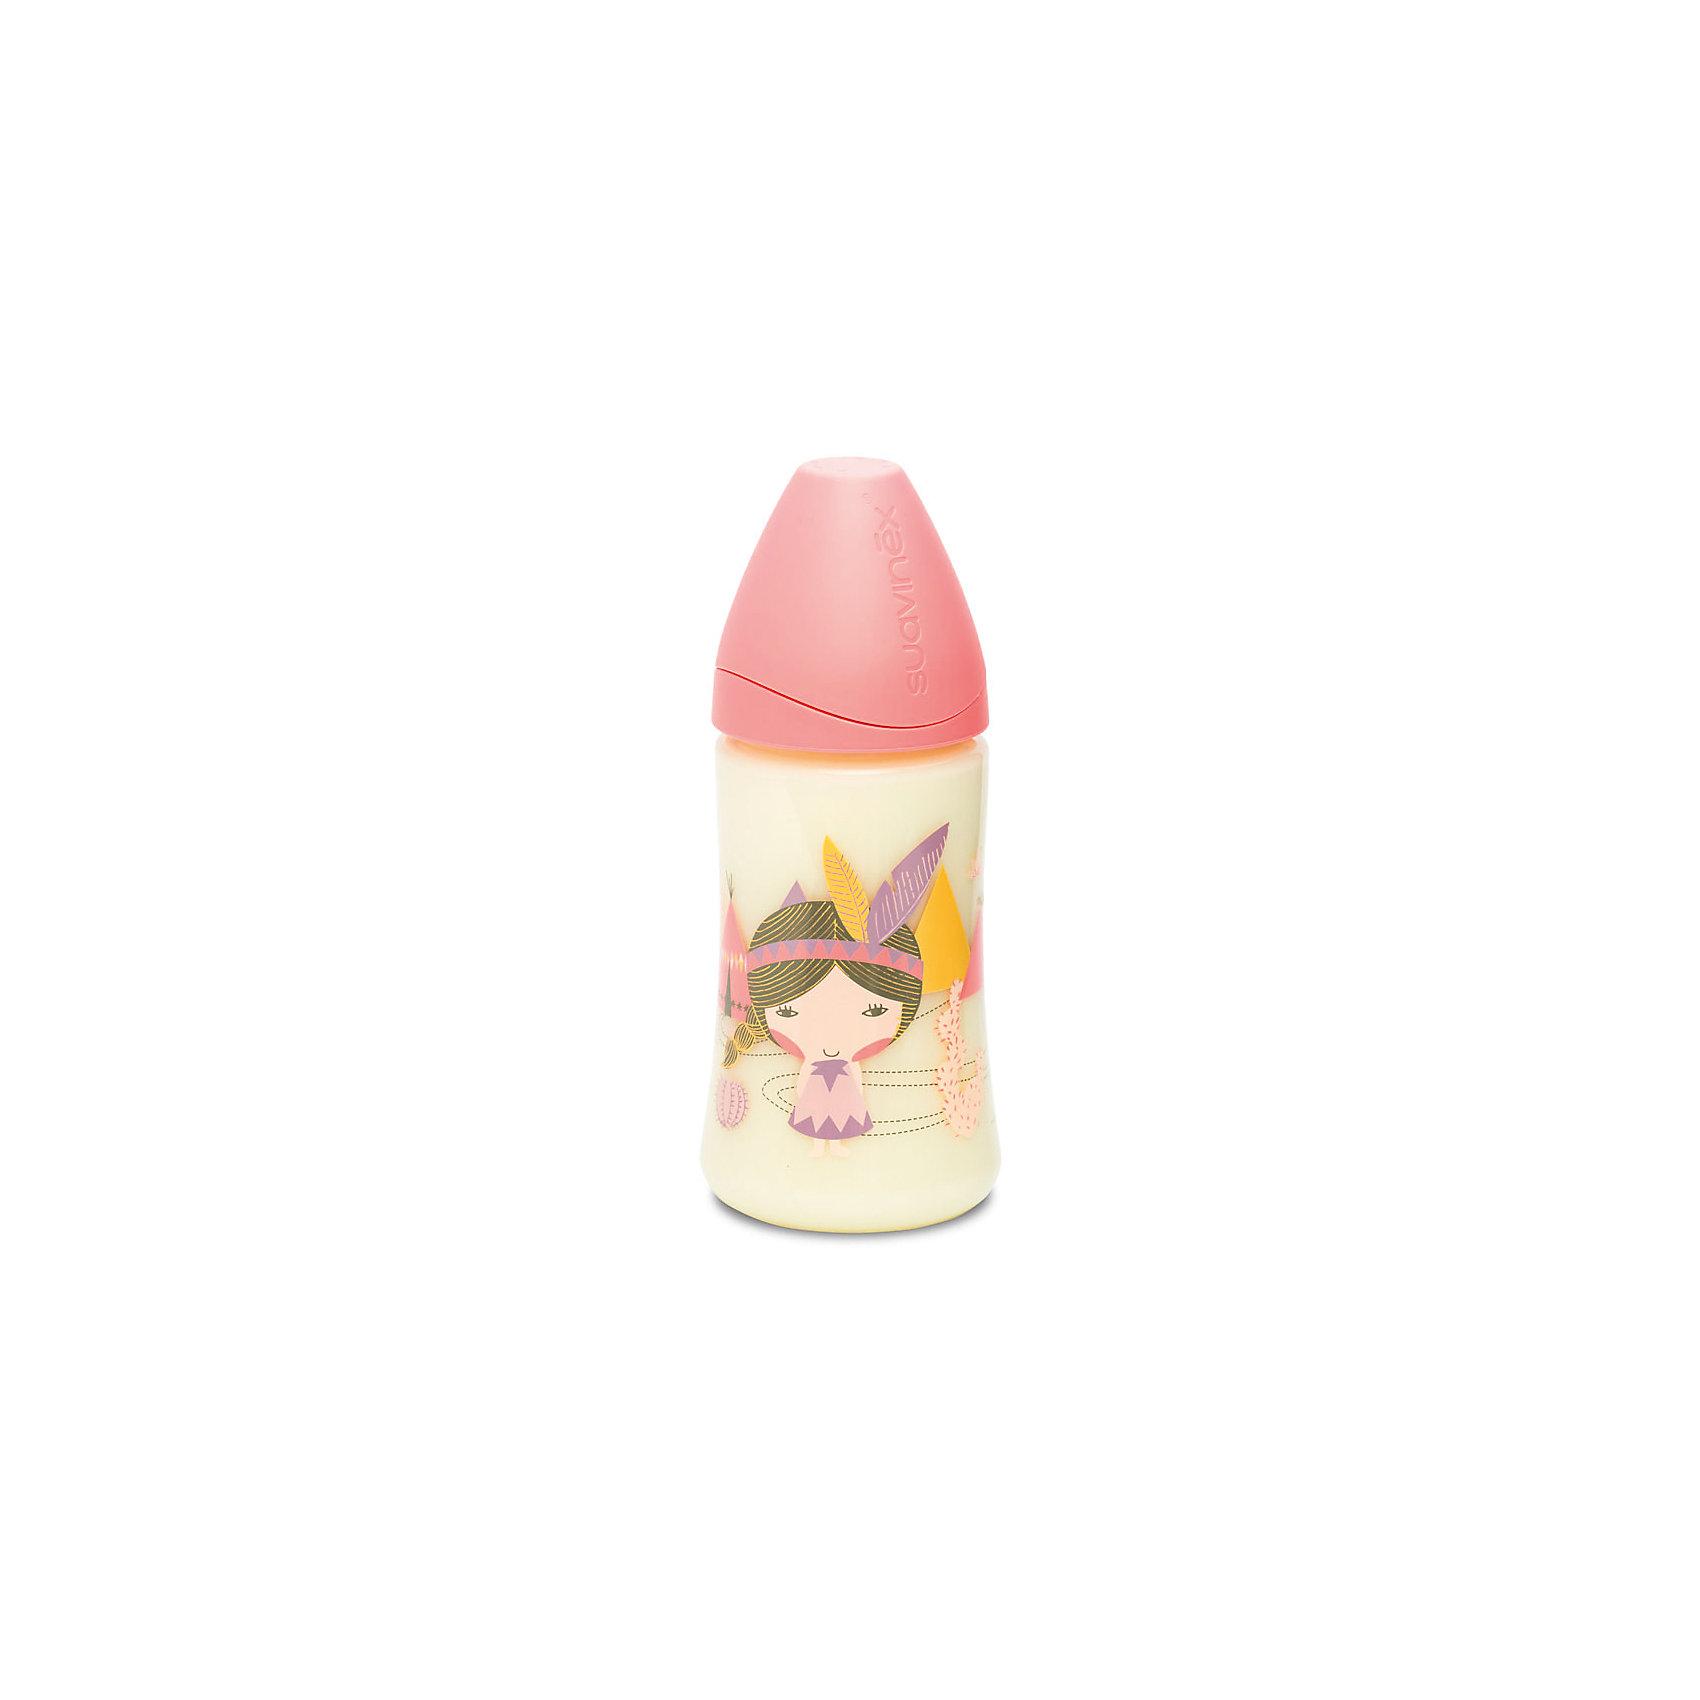 Бутылка 270мл от 0мес с соской 3потока, Suavinex, розовый индеецХарактеристики:<br><br>• Наименование: бутылка для кормления<br>• Рекомендуемый возраст: от 0 месяцев<br>• Пол: для девочки<br>• Объем: 270 мл<br>• Материал: латекс, пластик<br>• Цвет: розовый, коричневый, оранжевый<br>• Рисунок: индеец<br>• Форма соски: физиологическая<br>• Поток у соски: 3 уровня<br>• Комплектация: бутылочка, соска, колпачок<br>• Наличие антиколикового клапана<br>• Регулировка потока<br>• Горлышко бутылки адаптировано под любую форму соски данного производителя<br>• Вес: 105 г<br>• Параметры (Д*Ш*В): 7*7*17,3 см <br>• Особенности ухода: регулярная стерилизация и своевременная замена<br><br>Бутылка 270 мл от 0 мес с соской 3 потока, Suavinex, розовый индеец изготовлена испанским торговым брендом, специализирующимся на выпуске товаров для кормления новорожденных и младенцев. Продукция от Suavinex разработана с учетом рекомендаций педиатров и стоматологов, что гарантирует не только качество и безопасность использованных материалов, но и обеспечивает правильное формирование неба. <br><br>Бутылочка выполнена с широким горлышком, что облегчает уход за ней. Латексная соска классической формы длительное время сохраняет свои свойства: не рассасывается и не слипается во время кормления. У соски предусмотрено три потока: от медленного до быстрого. <br><br>Выполнена бутылка в брендовом дизайне с изображением индейца. Рисунок устойчив к появлениям царапин и выгоранию цвета даже при частой стерилизации. Бутылка 270 мл от 0 мес с соской 3 потока, Suavinex, розовый индеец станет непревзойденным аксессуаром для кормления вашего малыша.<br><br>Бутылку 270 мл от 0 мес с соской 3 потока, Suavinex, розовый индеец можно купить в нашем интернет-магазине.<br><br>Ширина мм: 70<br>Глубина мм: 70<br>Высота мм: 173<br>Вес г: 105<br>Возраст от месяцев: 0<br>Возраст до месяцев: 24<br>Пол: Женский<br>Возраст: Детский<br>SKU: 5451280